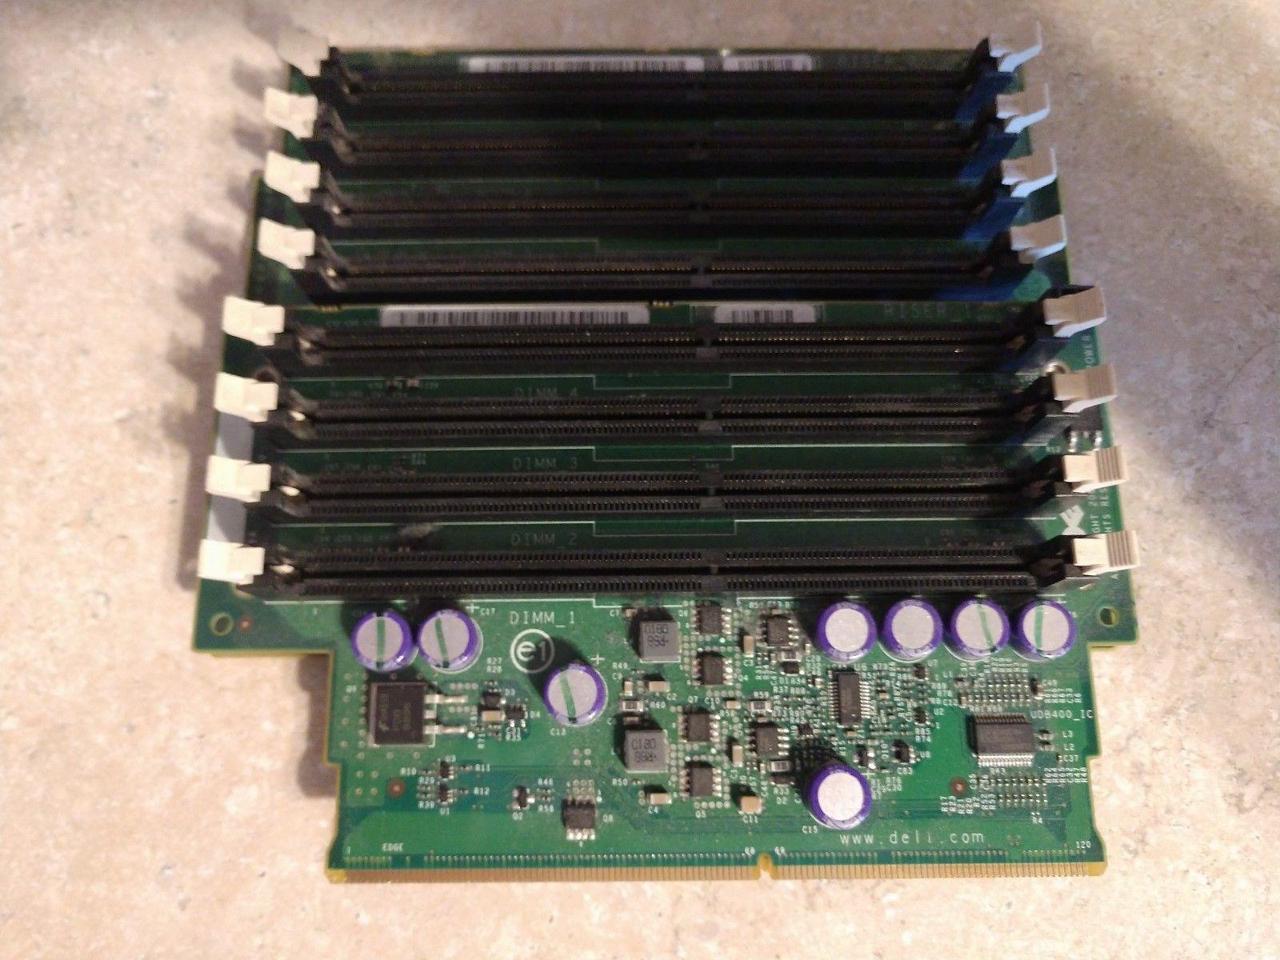 Dell OEM Precision 690 / T7400 Memory Riser Board 3,4 F817F